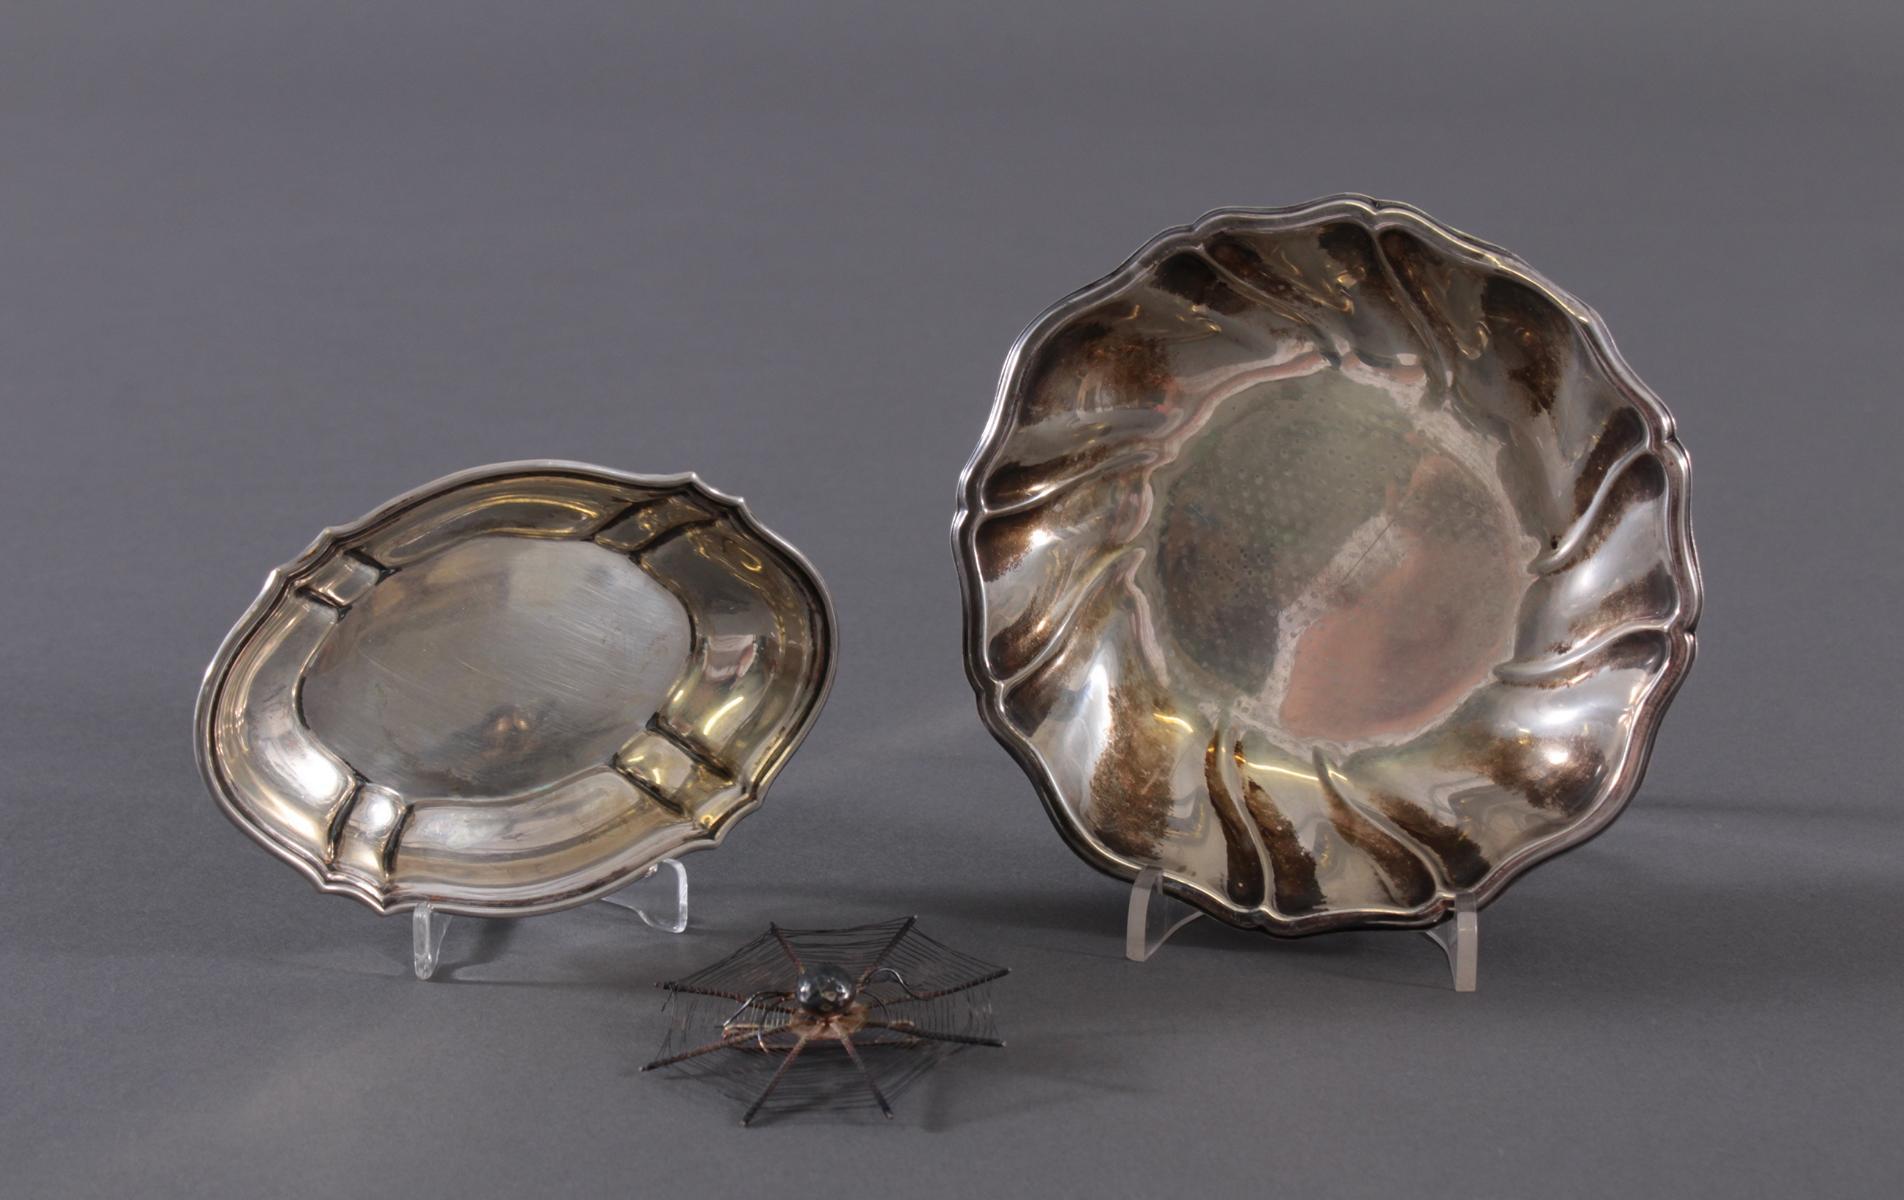 2 Silberschalen und 1 Brosche